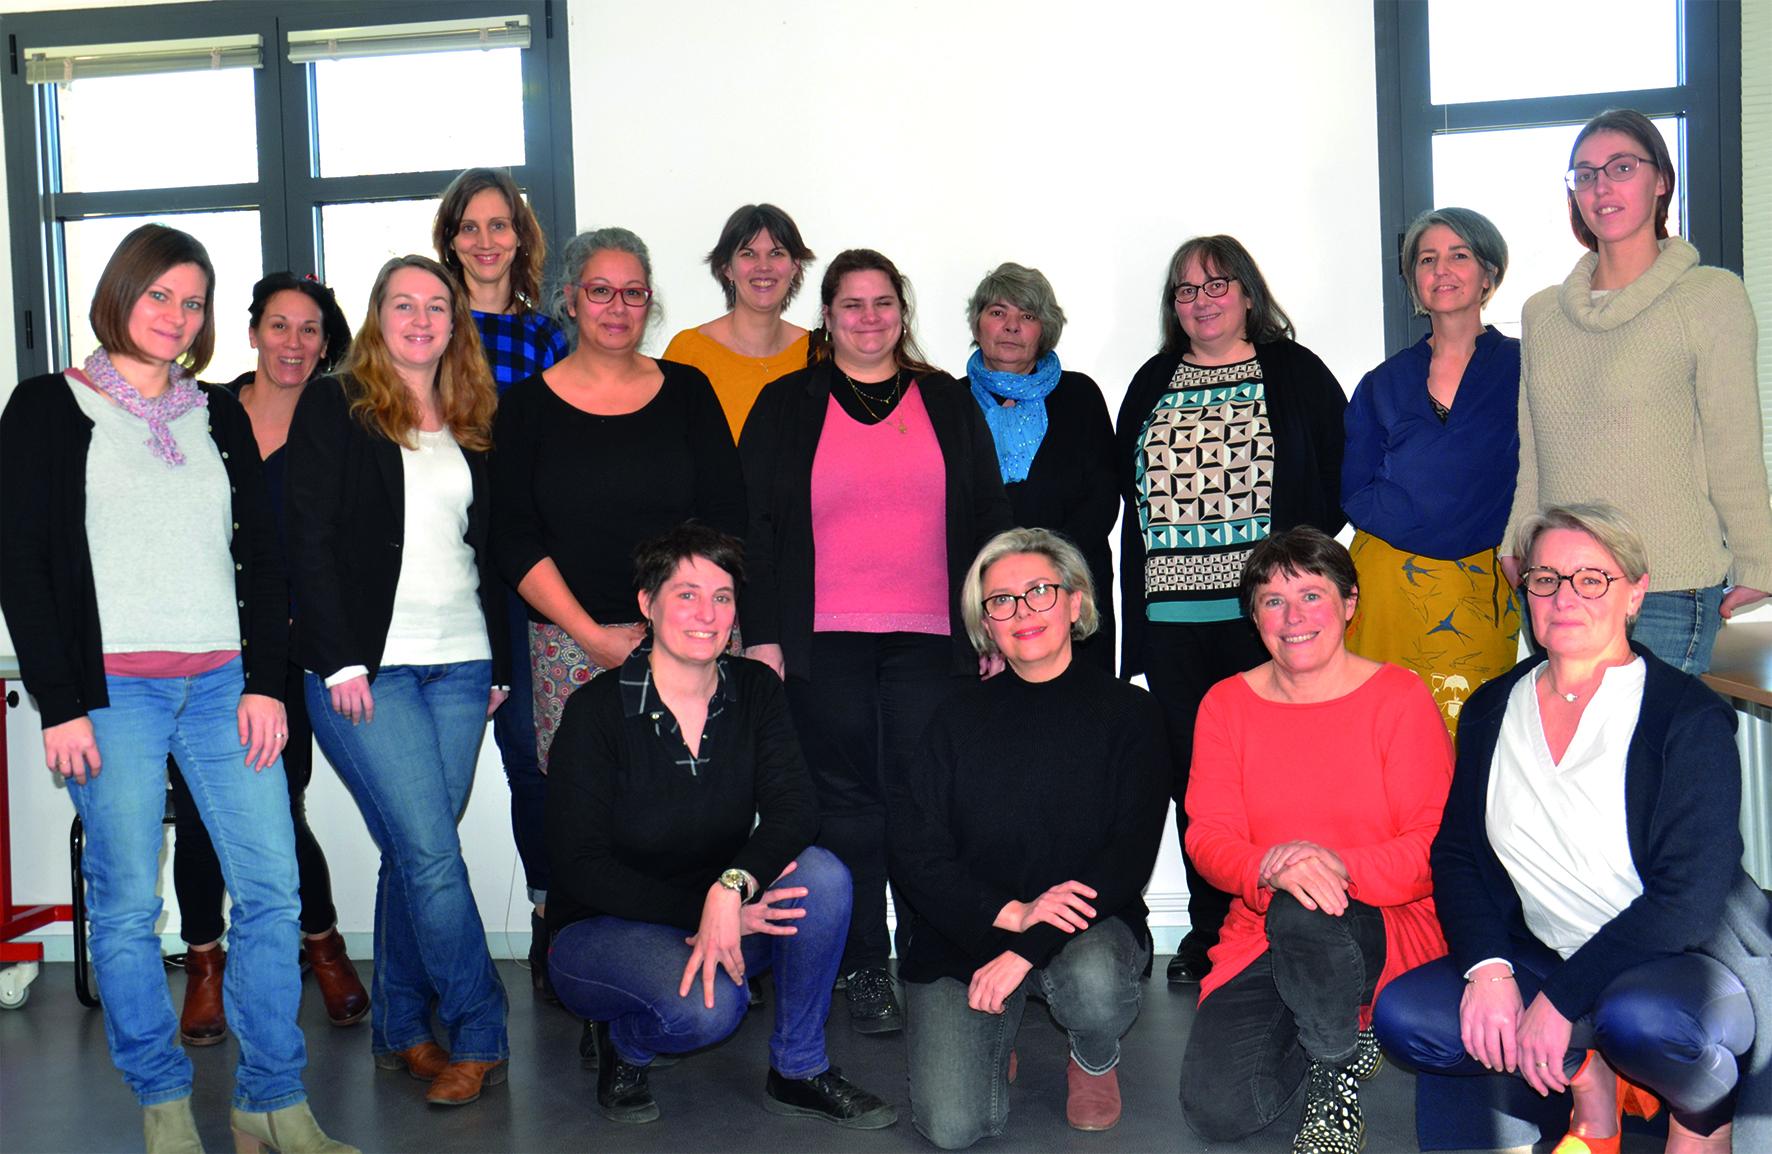 L'équipe de bibliothécaires du réseau Libellule de Roche aux Fées Communauté